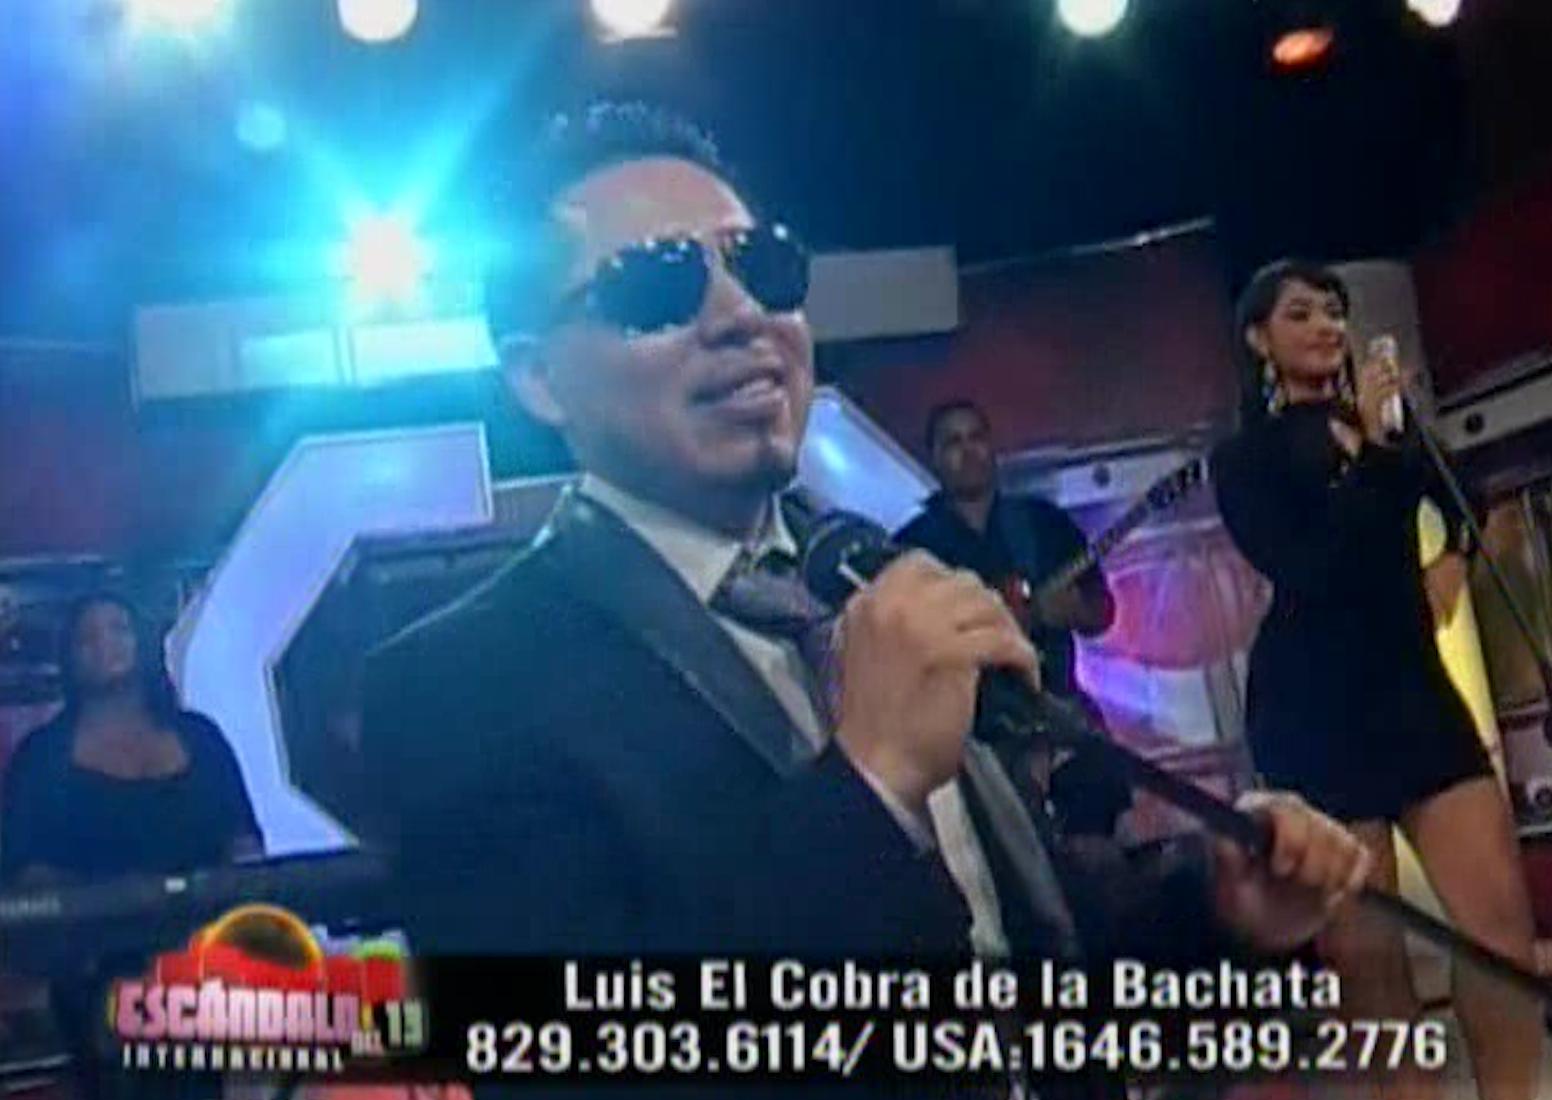 Bachata De Luis El Cobra